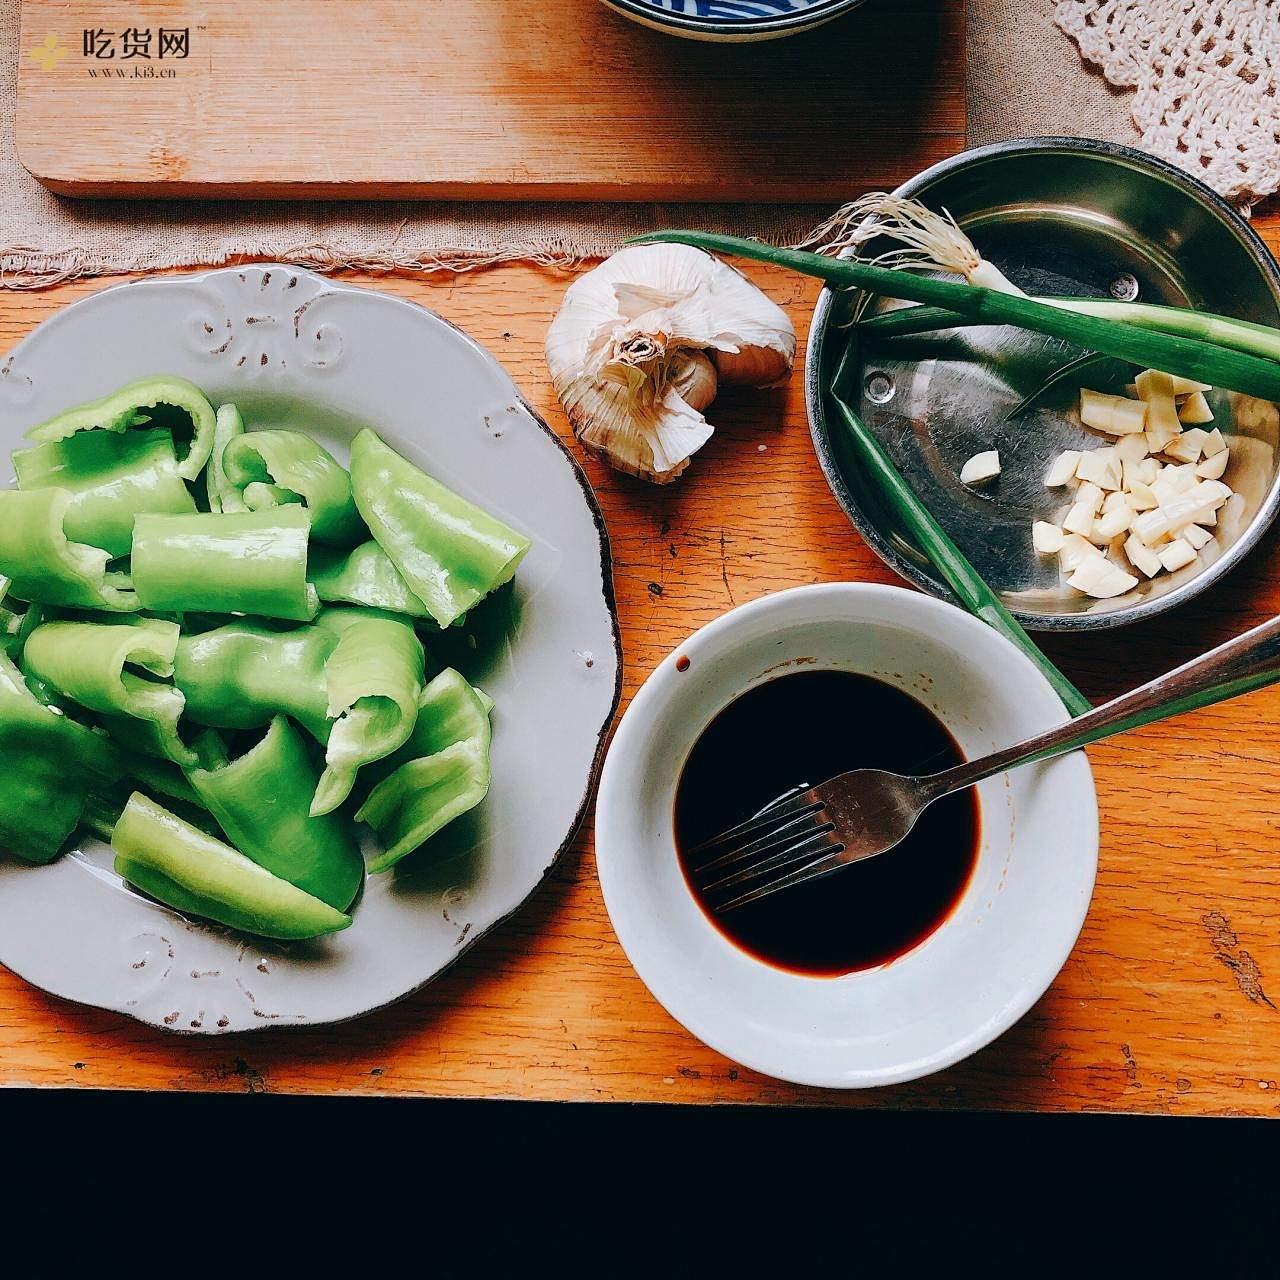 『米饭杀手』虎皮尖椒的做法 步骤1